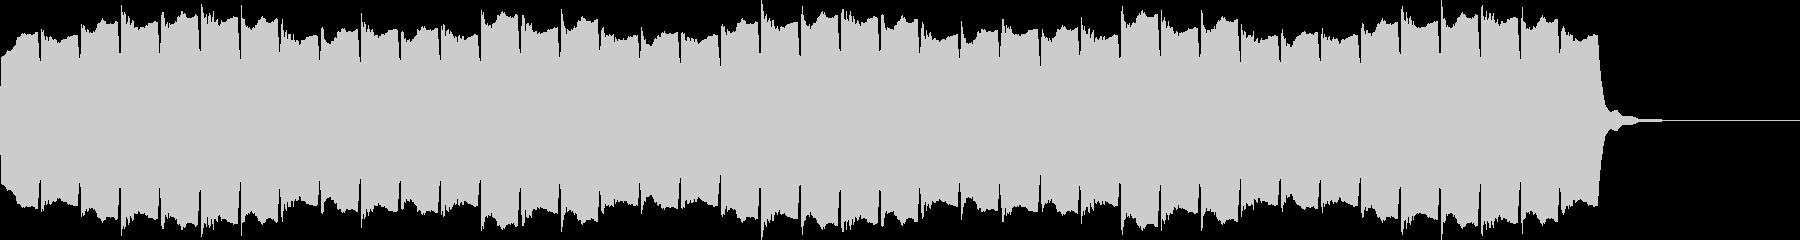 救急車のサイレンF(ハーモニック・長)の未再生の波形